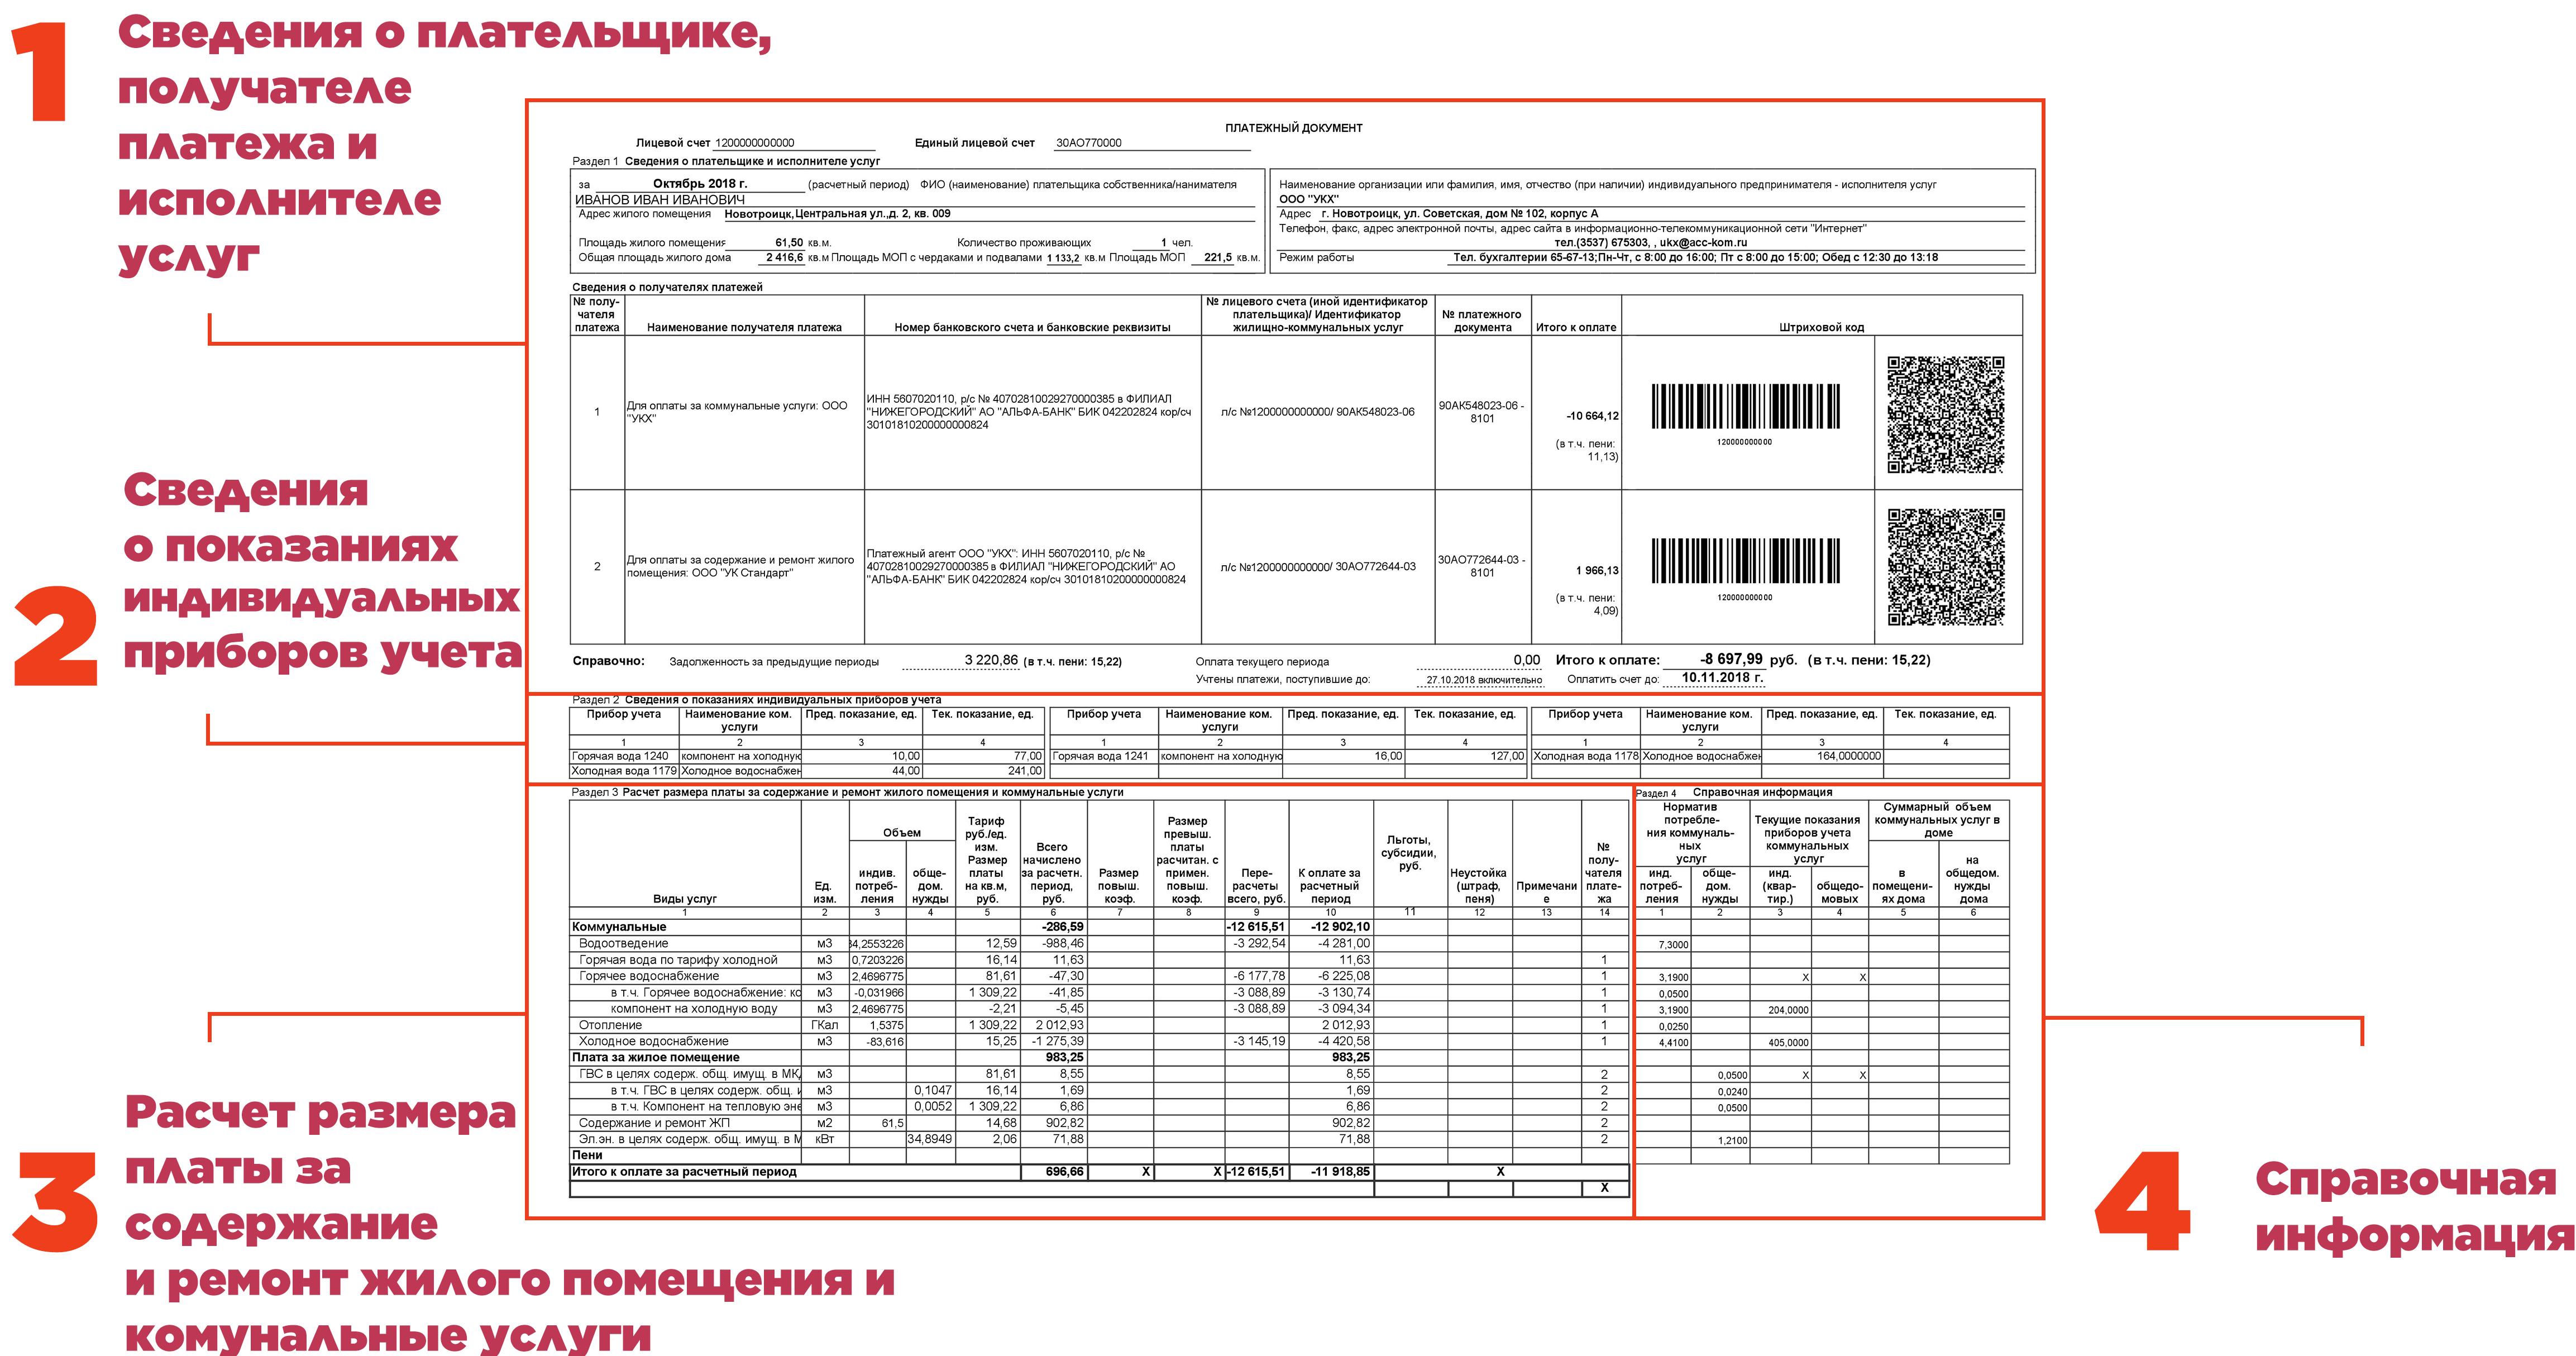 platyozhnyj-dokument-za-kommunalnye-uslugi